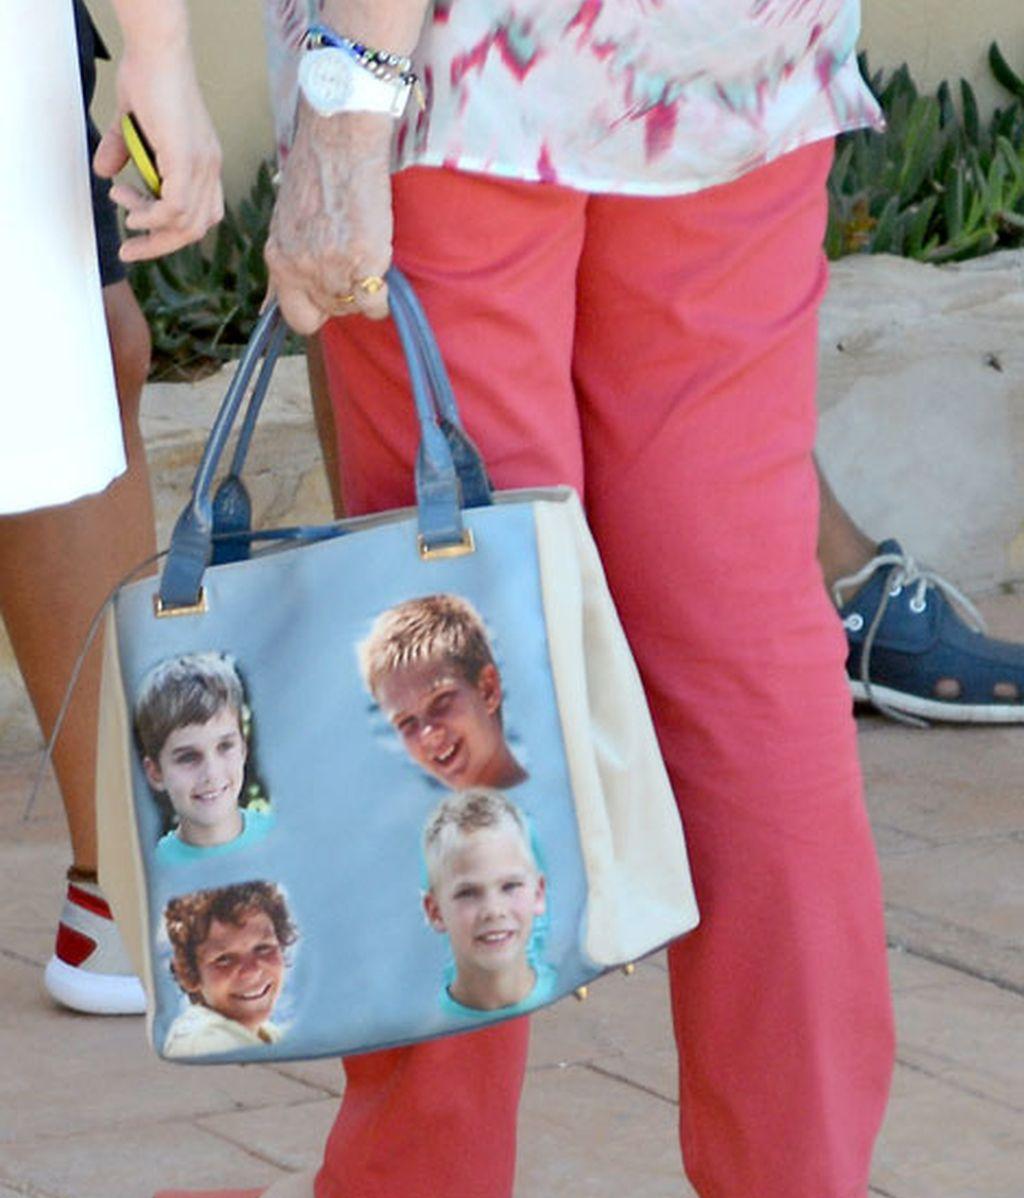 La Reina Sofía se ha impreso las fotos de sus nietos en el bolso